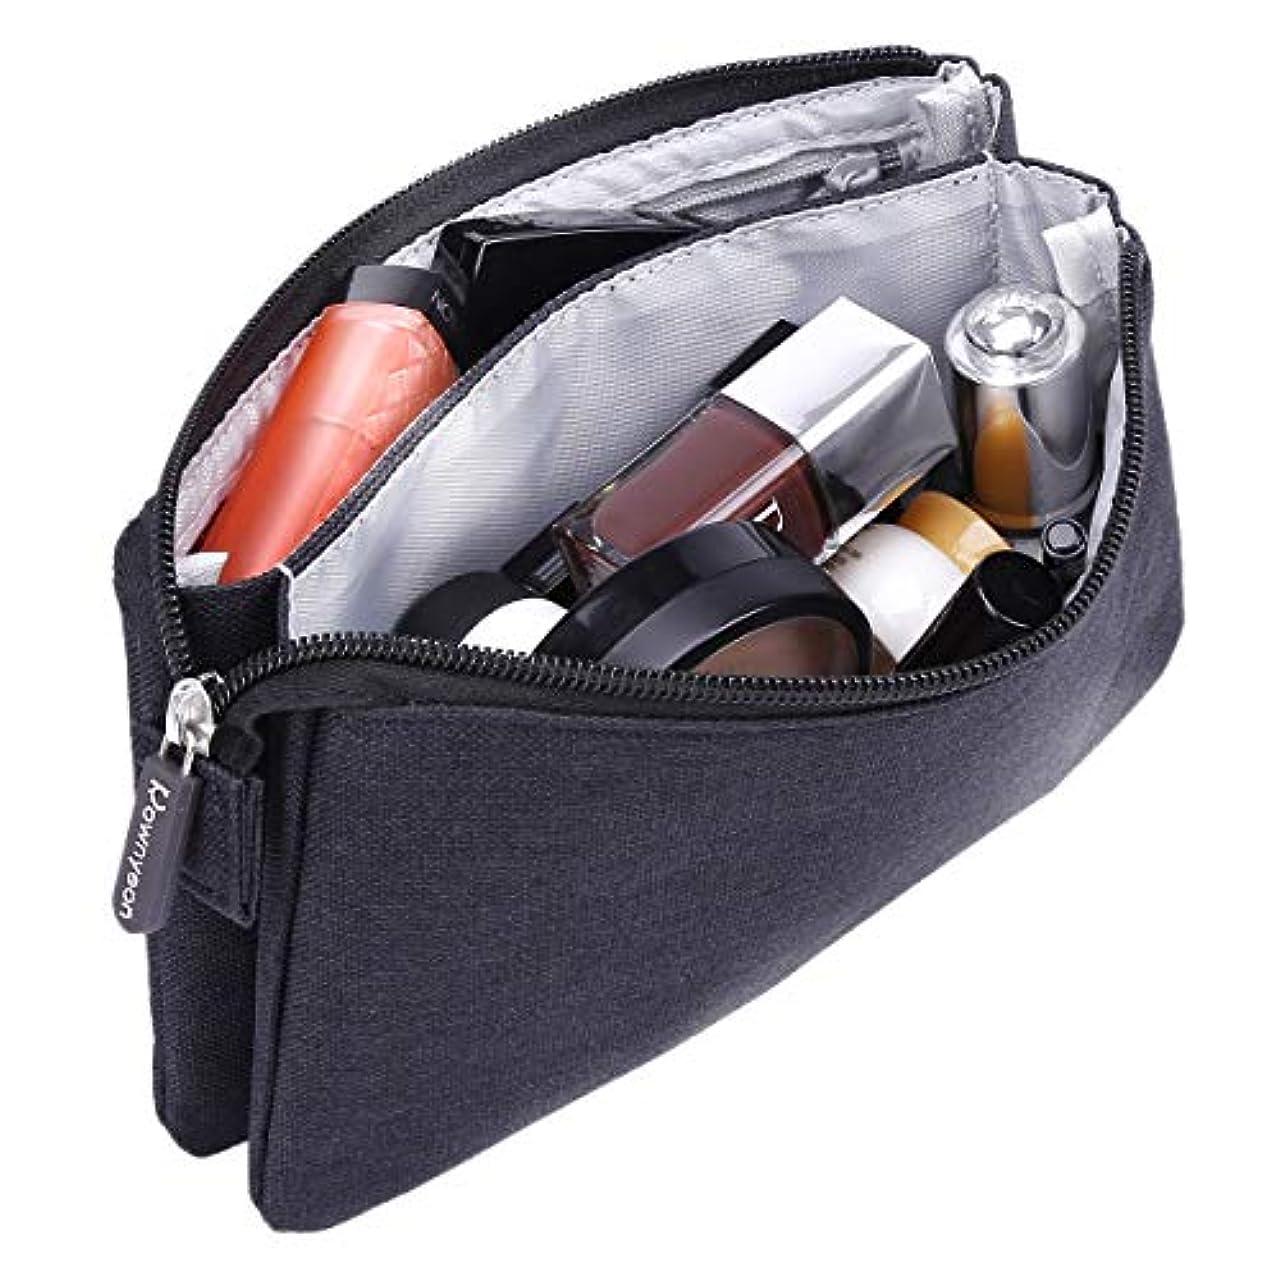 硬化するジュニア販売員Rownyeon 化粧ポーチ メイクポーチ クラッチバッグ 小型 財布 インナー コスメポーチ 大容量 機能的 小物入れ シンプル 小物ケース 携帯用 普段使い 人気